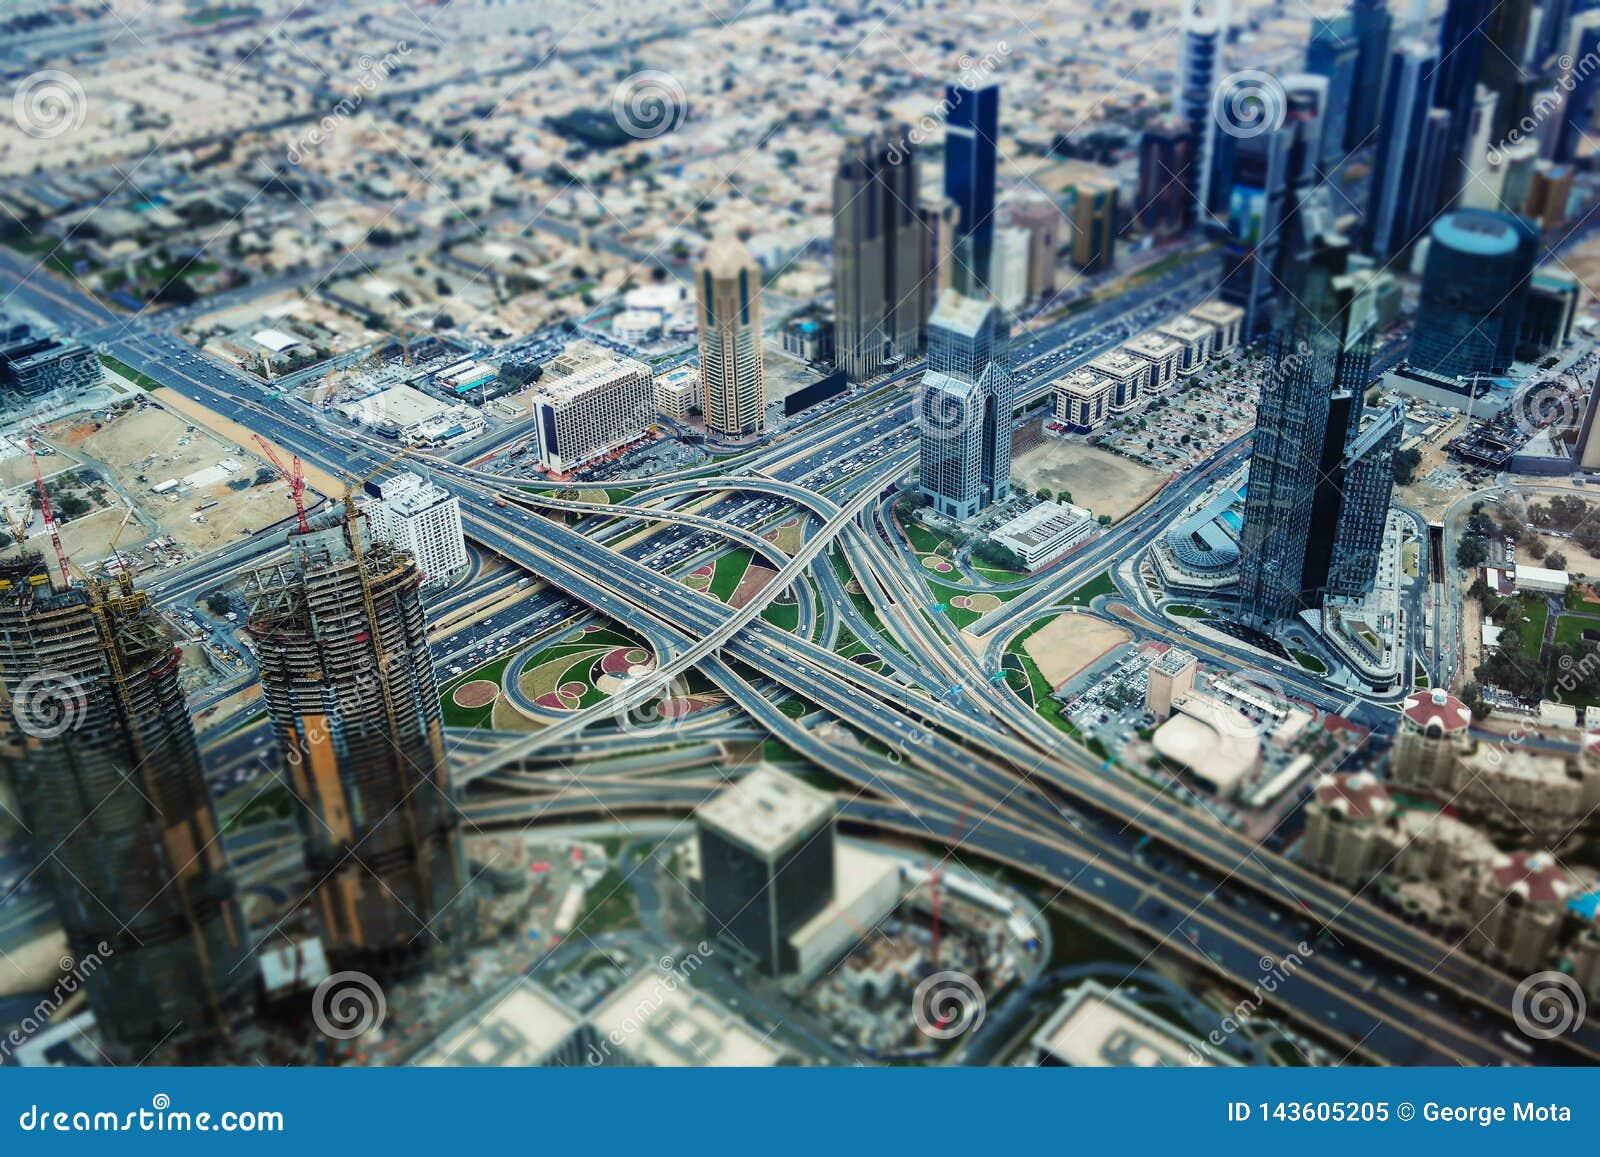 Ντουμπάι στη μικρογραφία